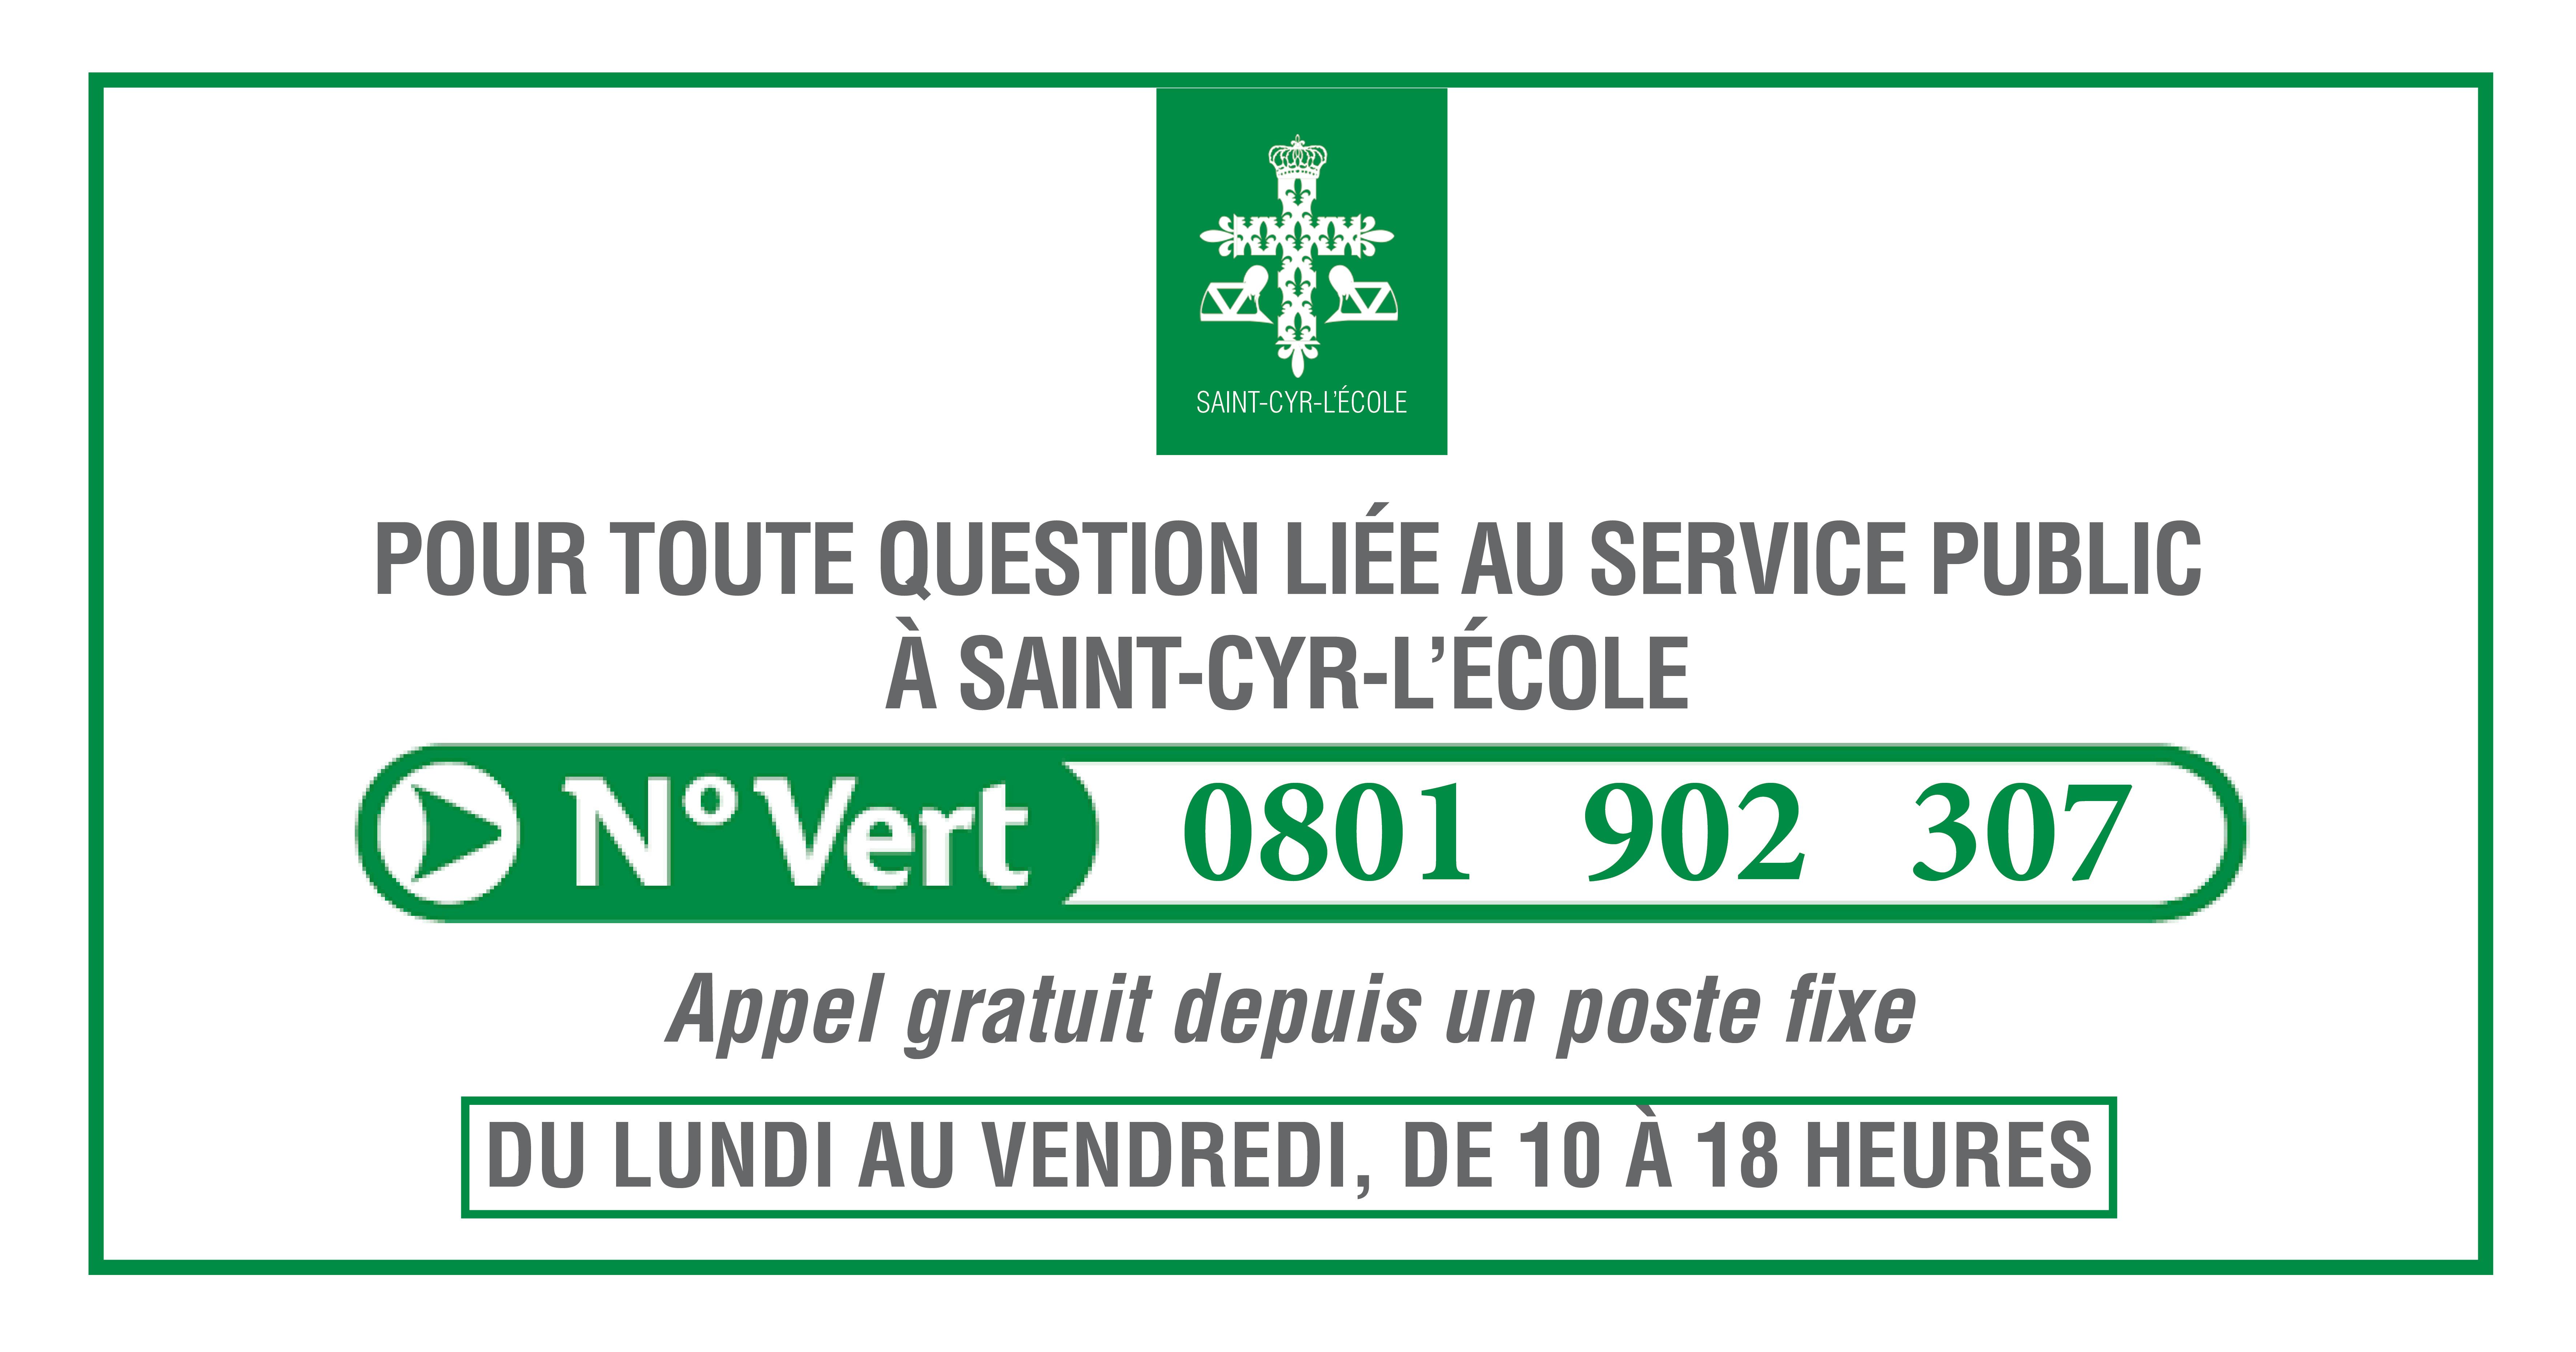 0801 902 307, le numéro vert du Service Public